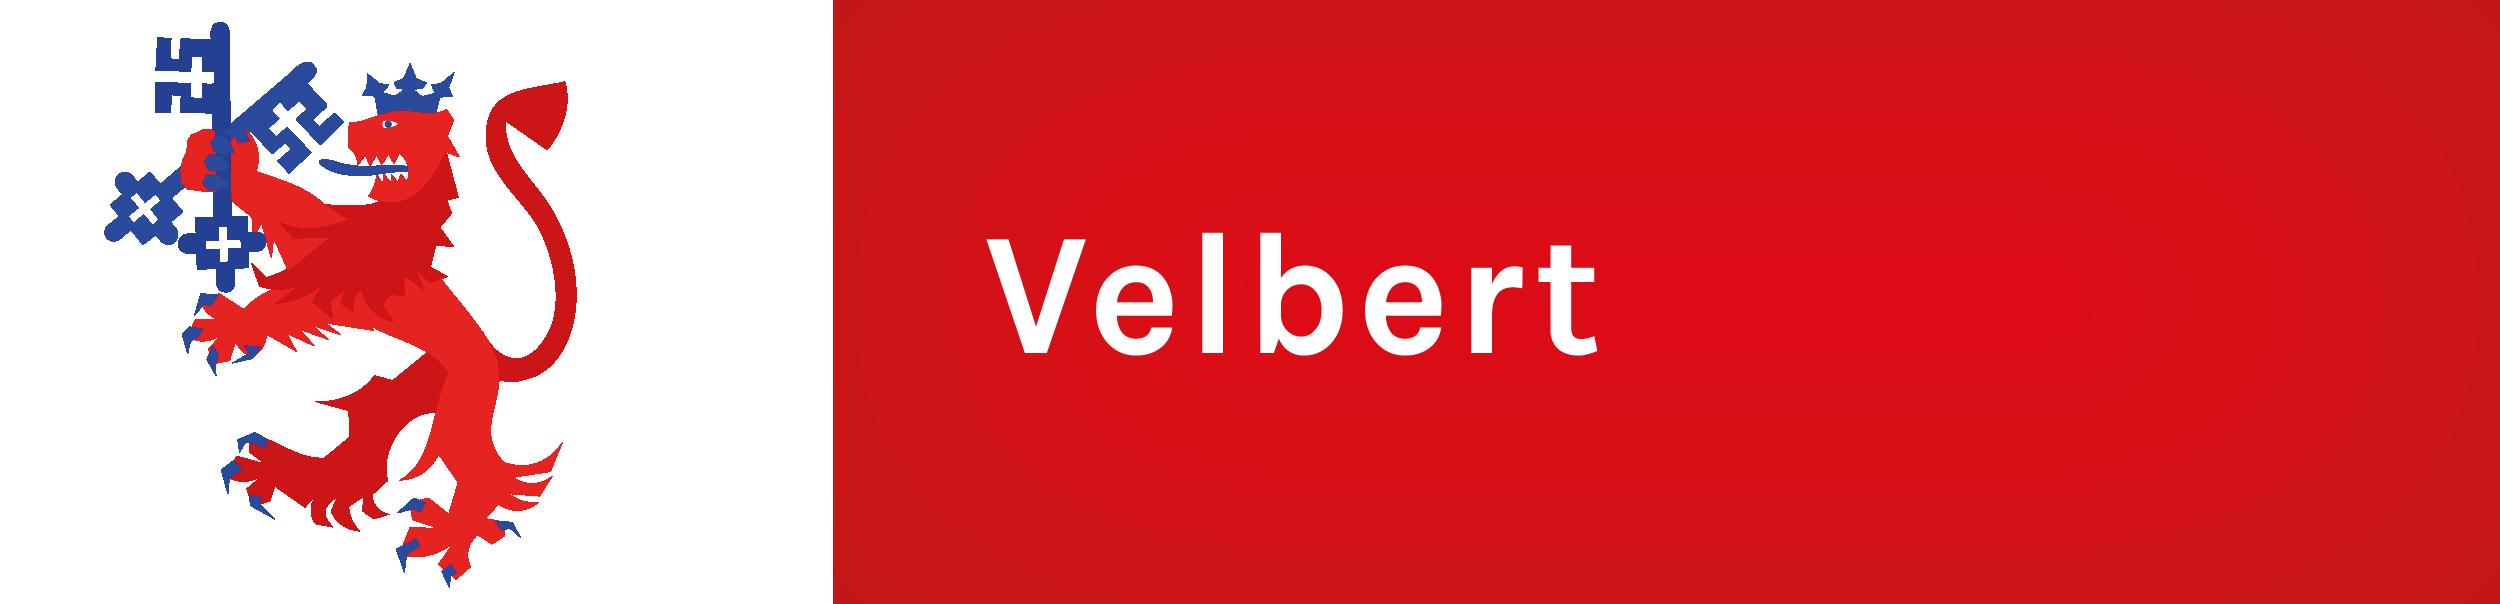 Banner für Velbert